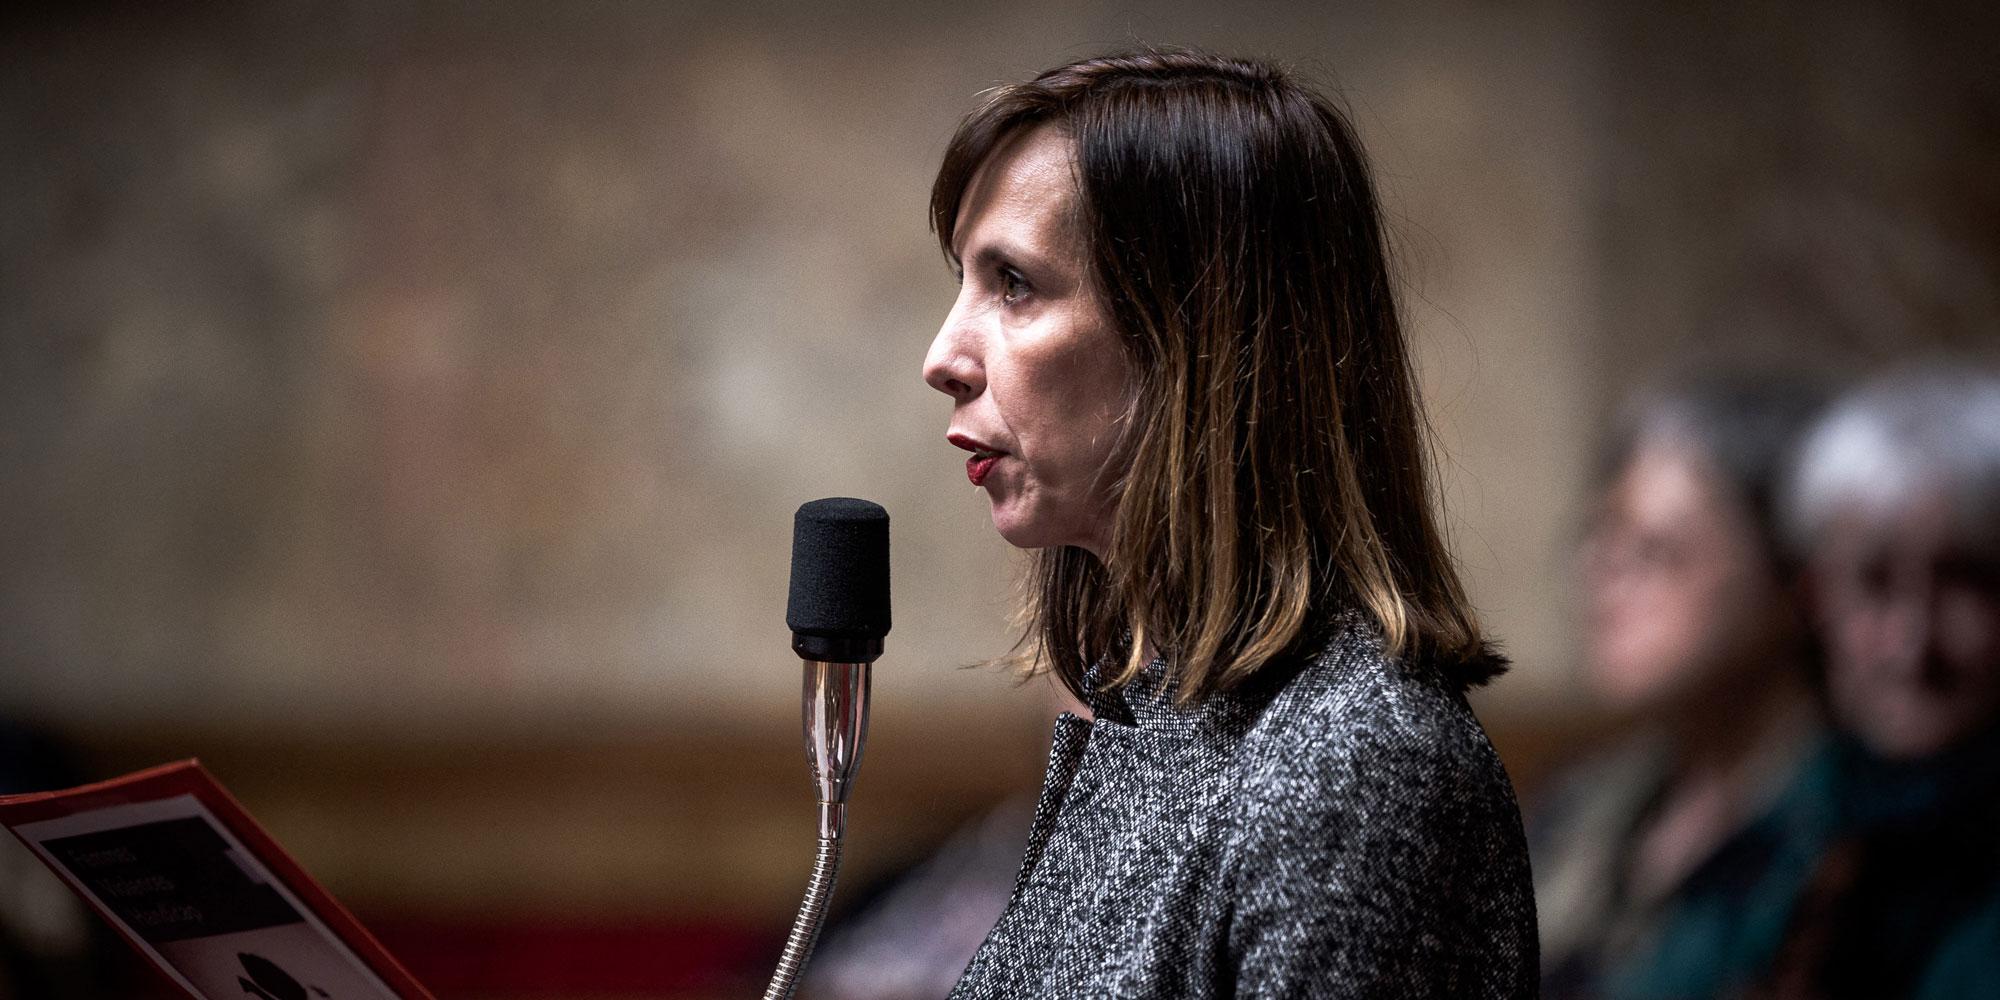 """Allongement du délai de l'IVG : la députée Albane Gaillot """"en appelle à la responsabilité du gouvernement"""""""